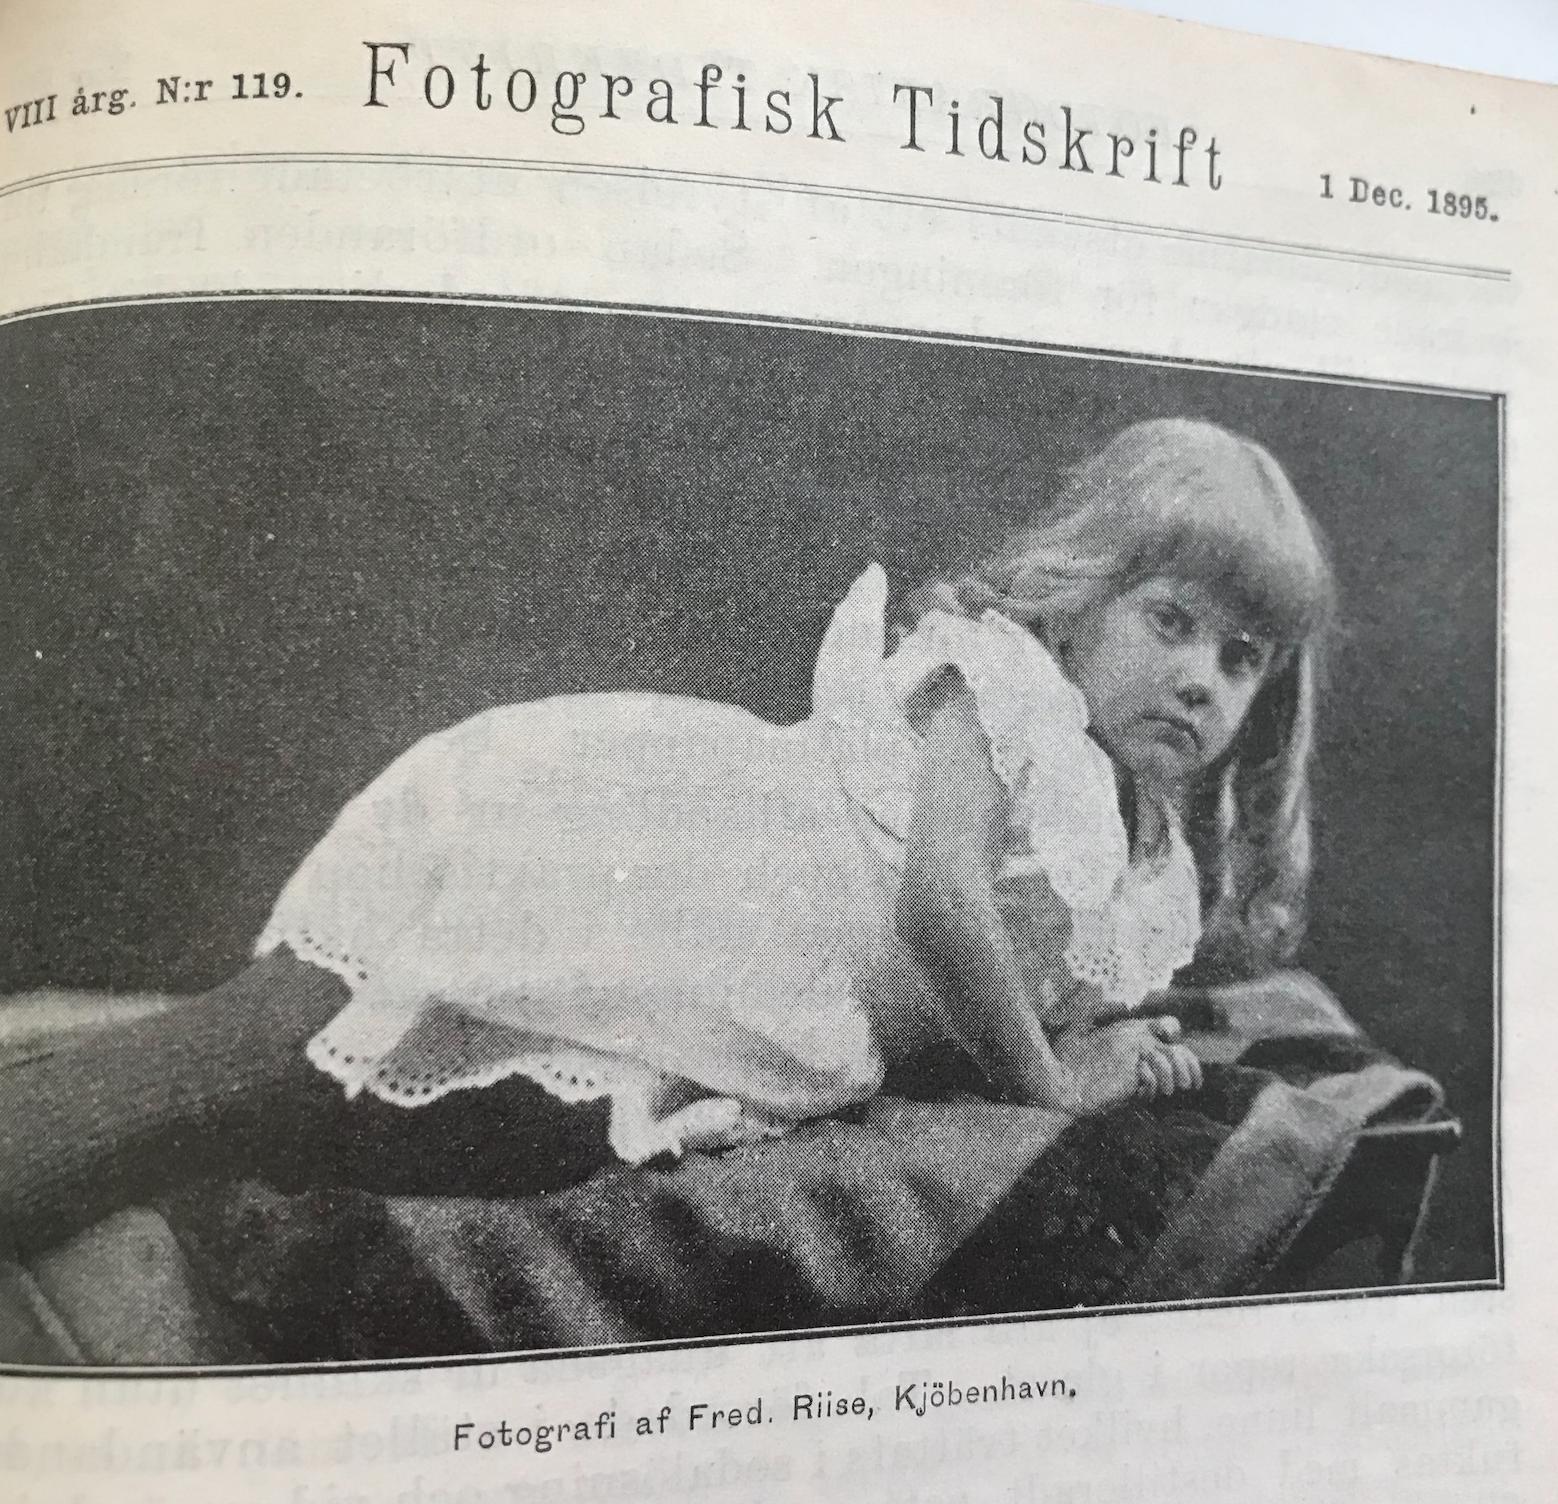 Ur arkivet: Att fotografera barn 1895